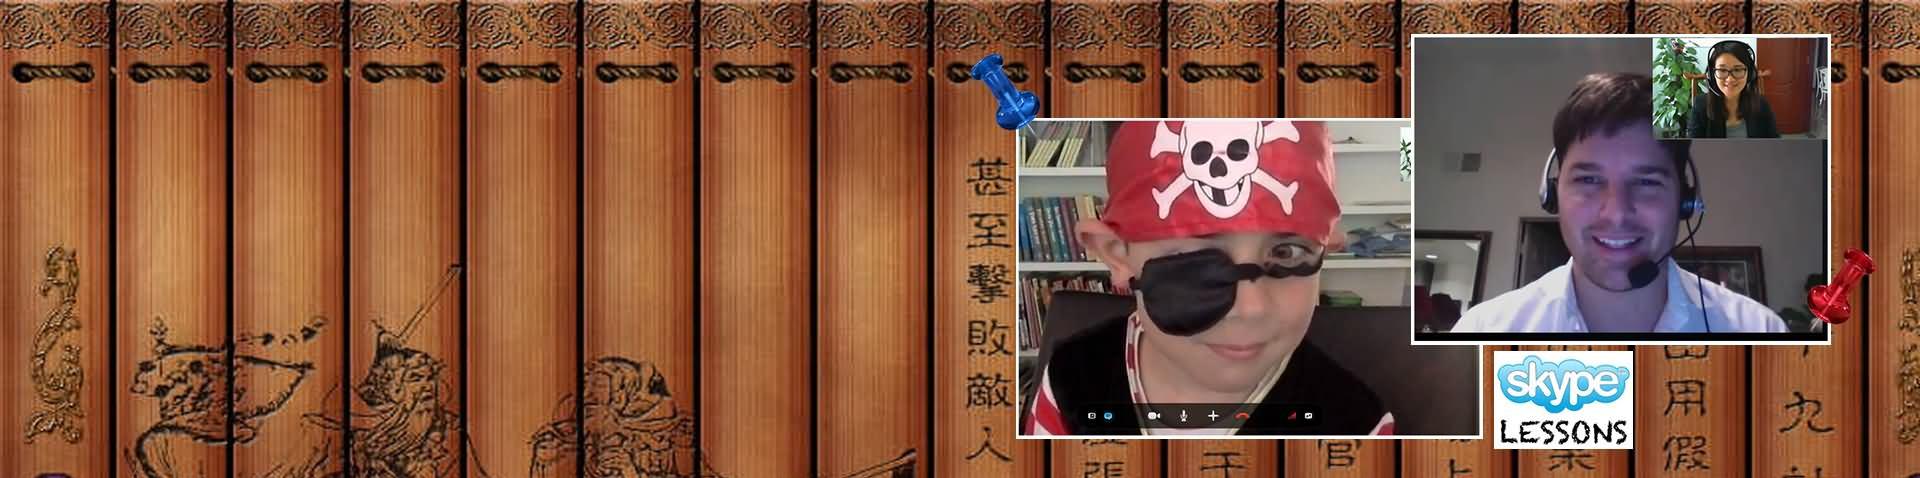 testimonialSlide_mandarinchineseschool_com